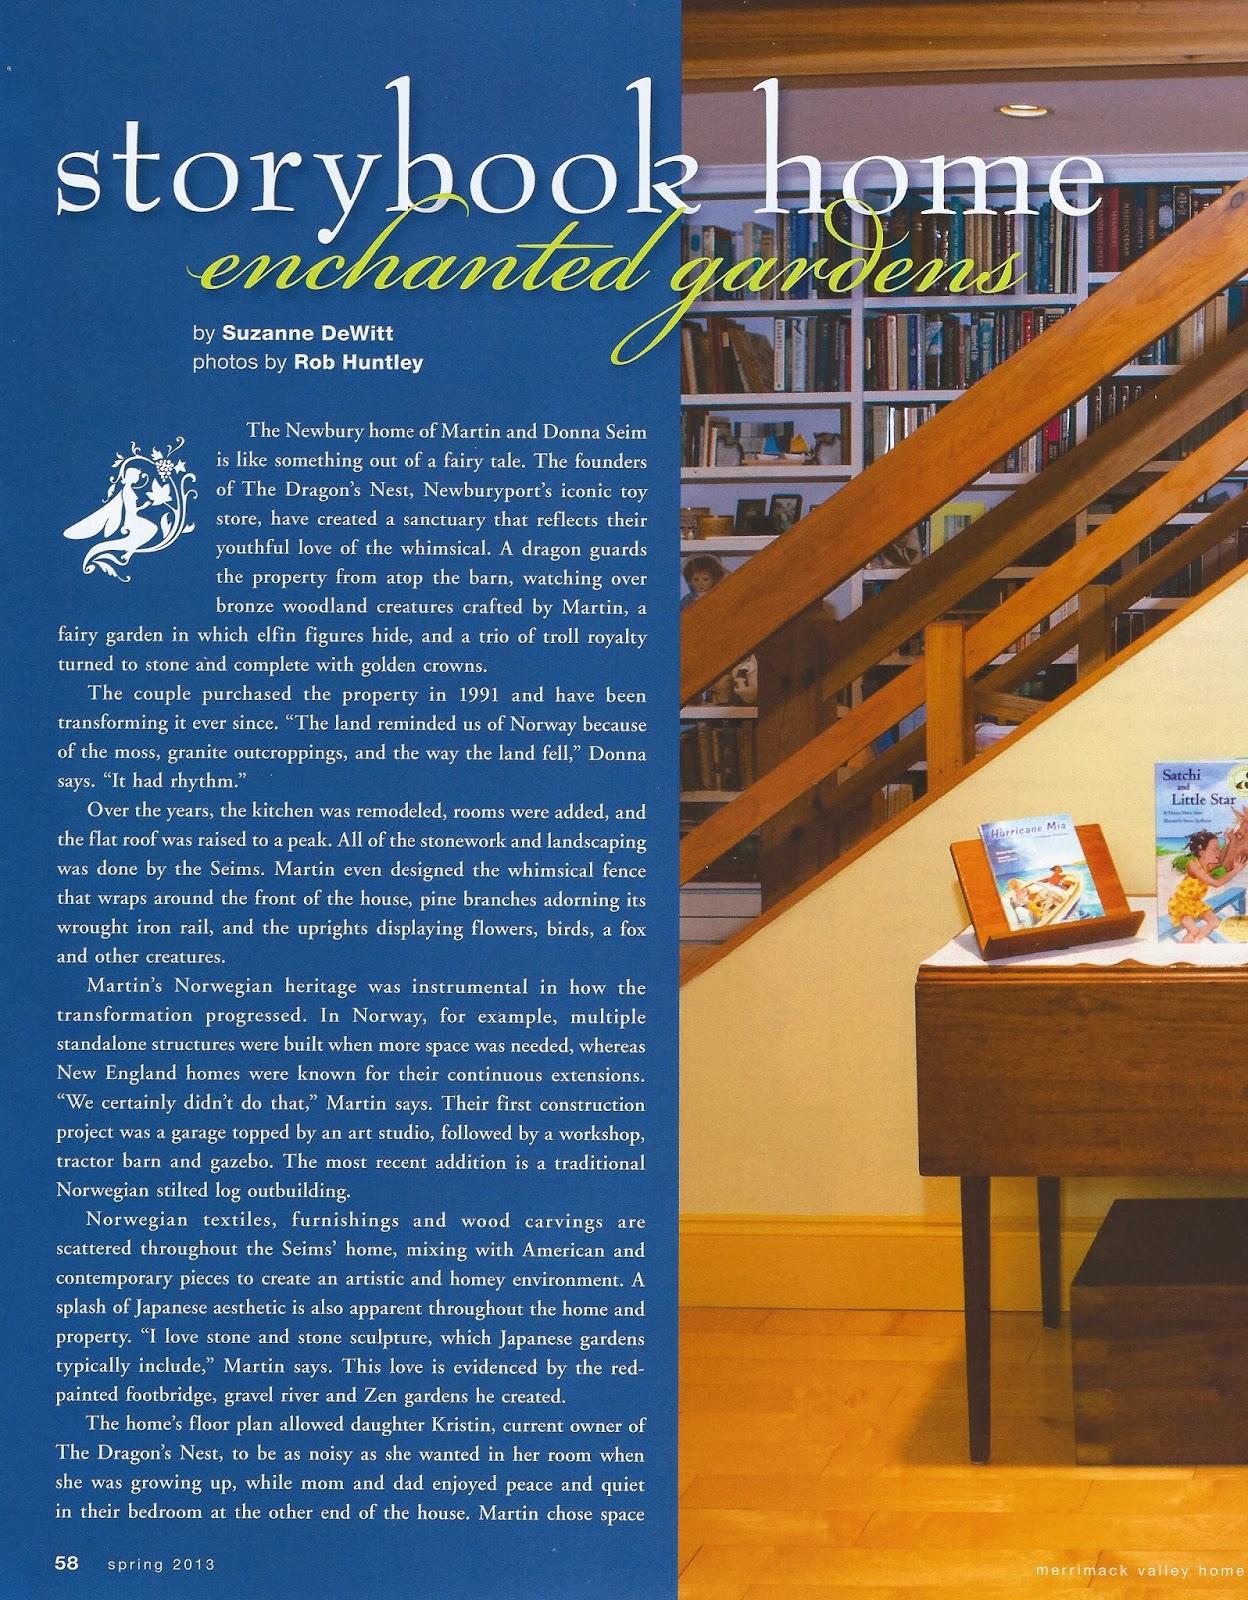 http://www.smdewitt.com/2013/04/story-book-home-enchanted-gardens.html